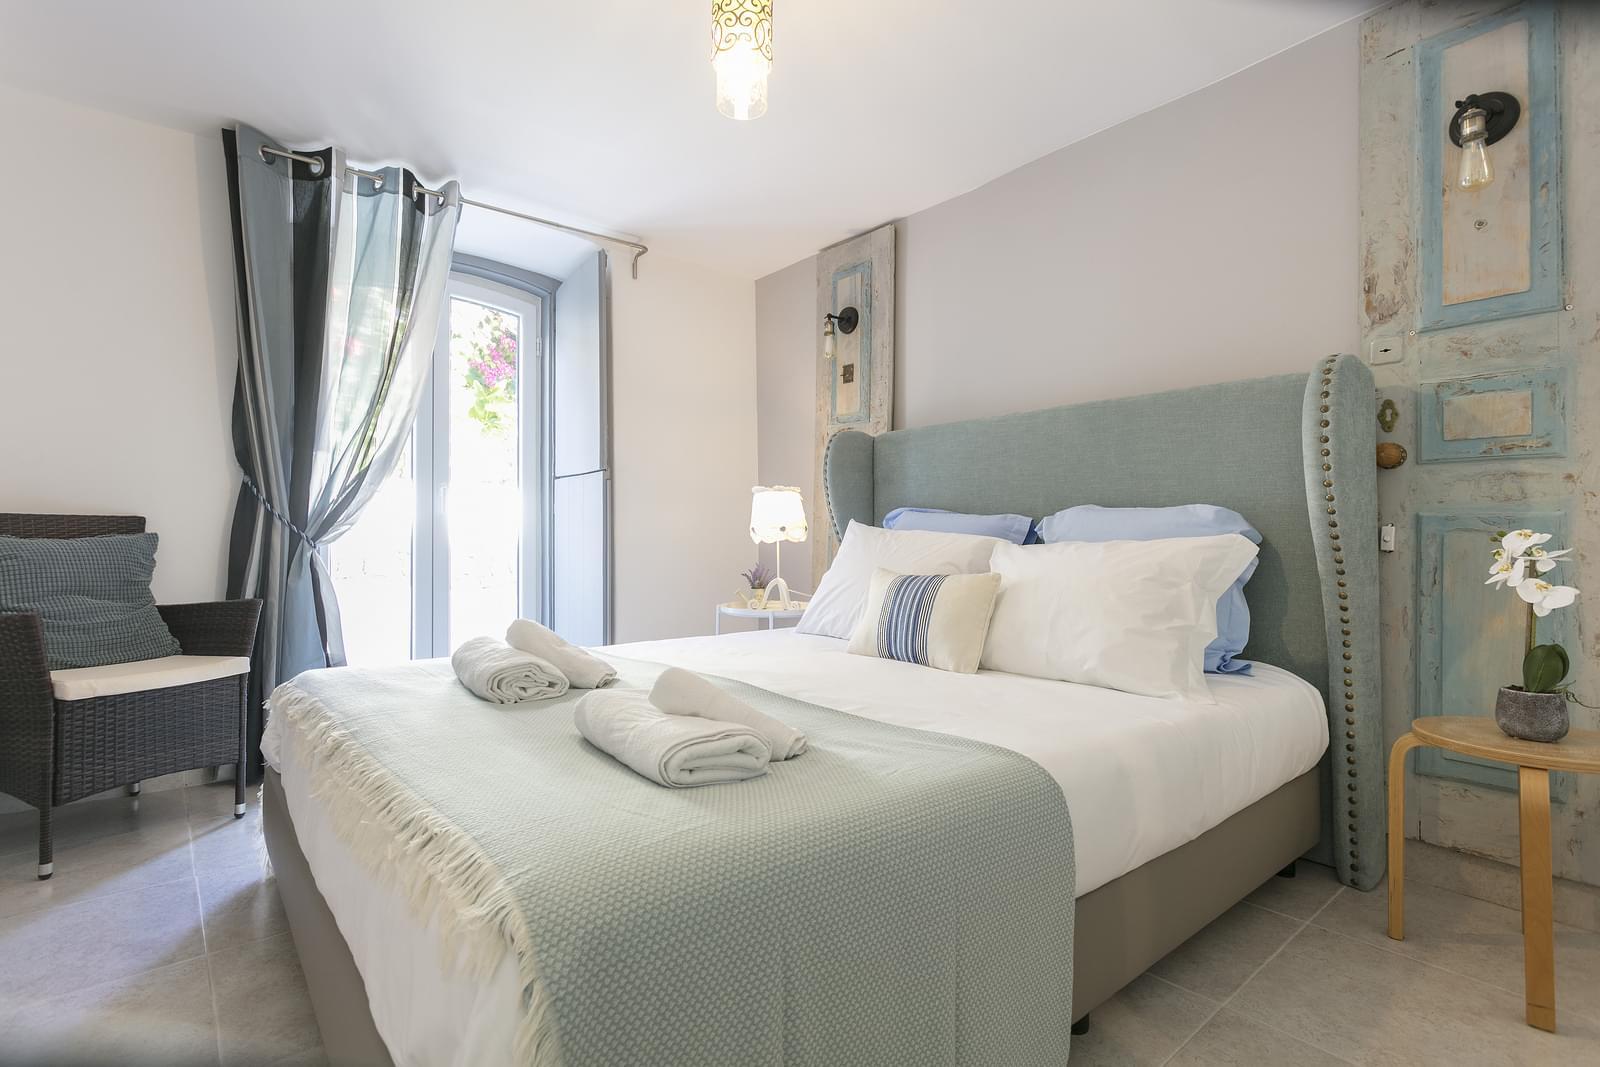 pf16716-apartamento-t2-3-lisboa-11456599-a152-4ab0-8221-9d51276b0793